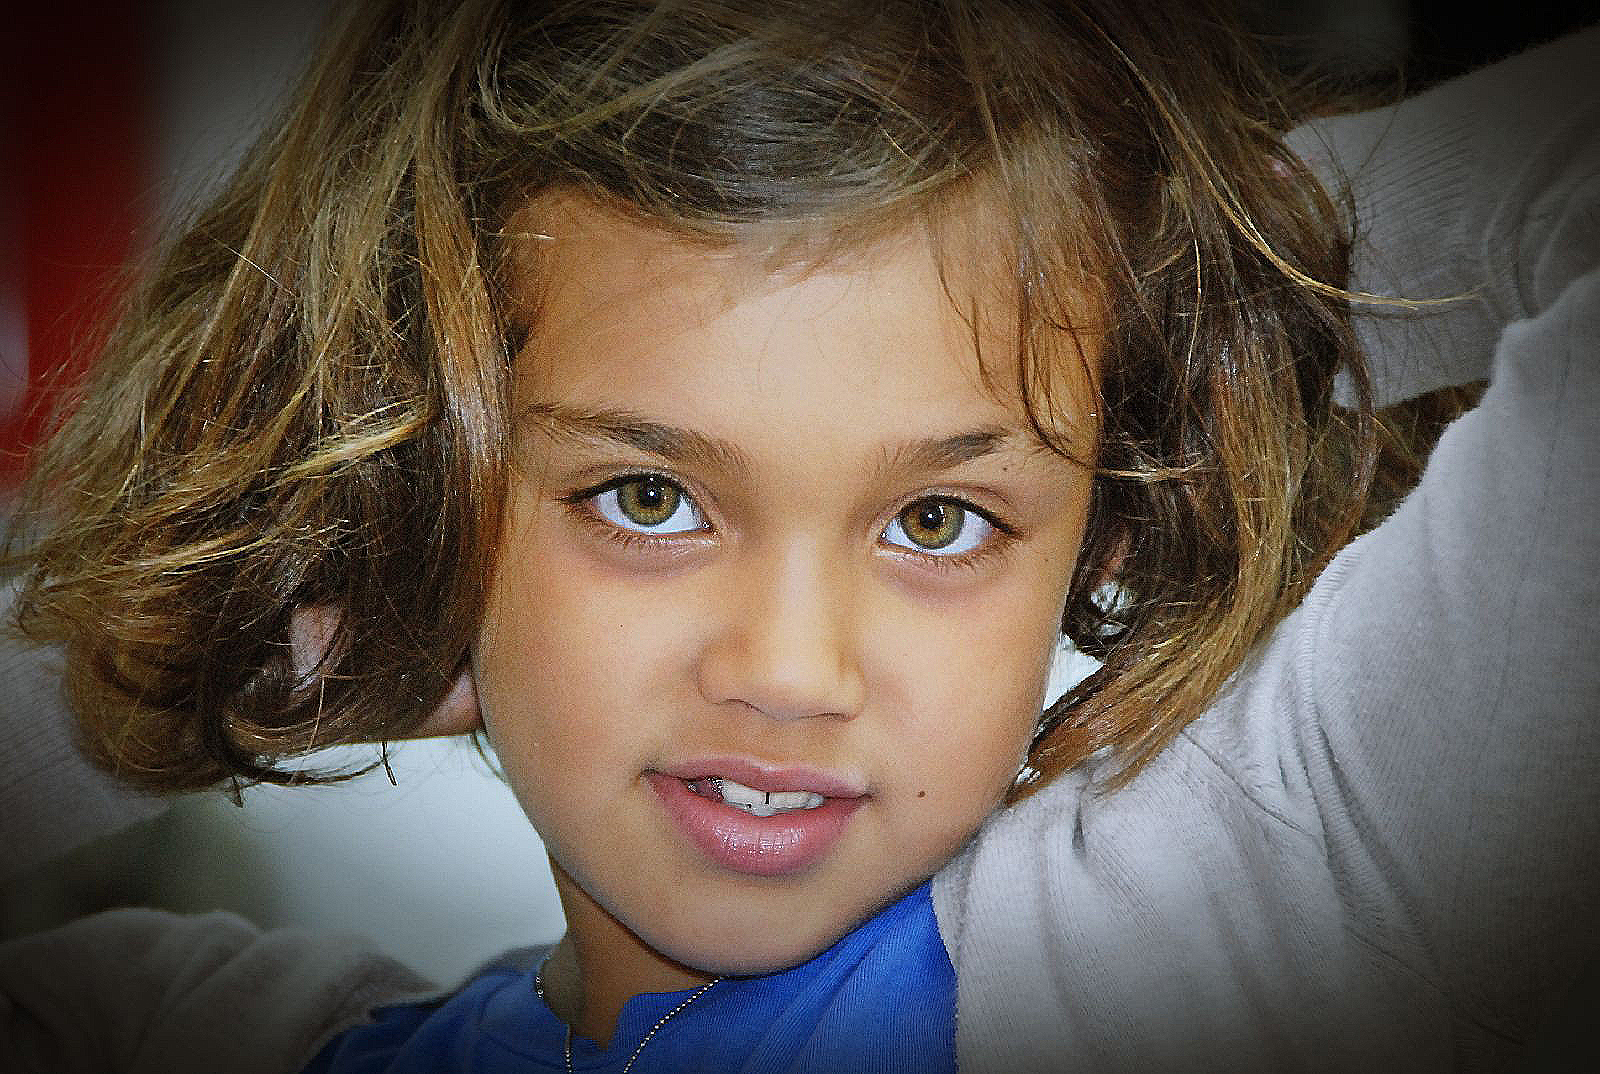 Mi niña bonita